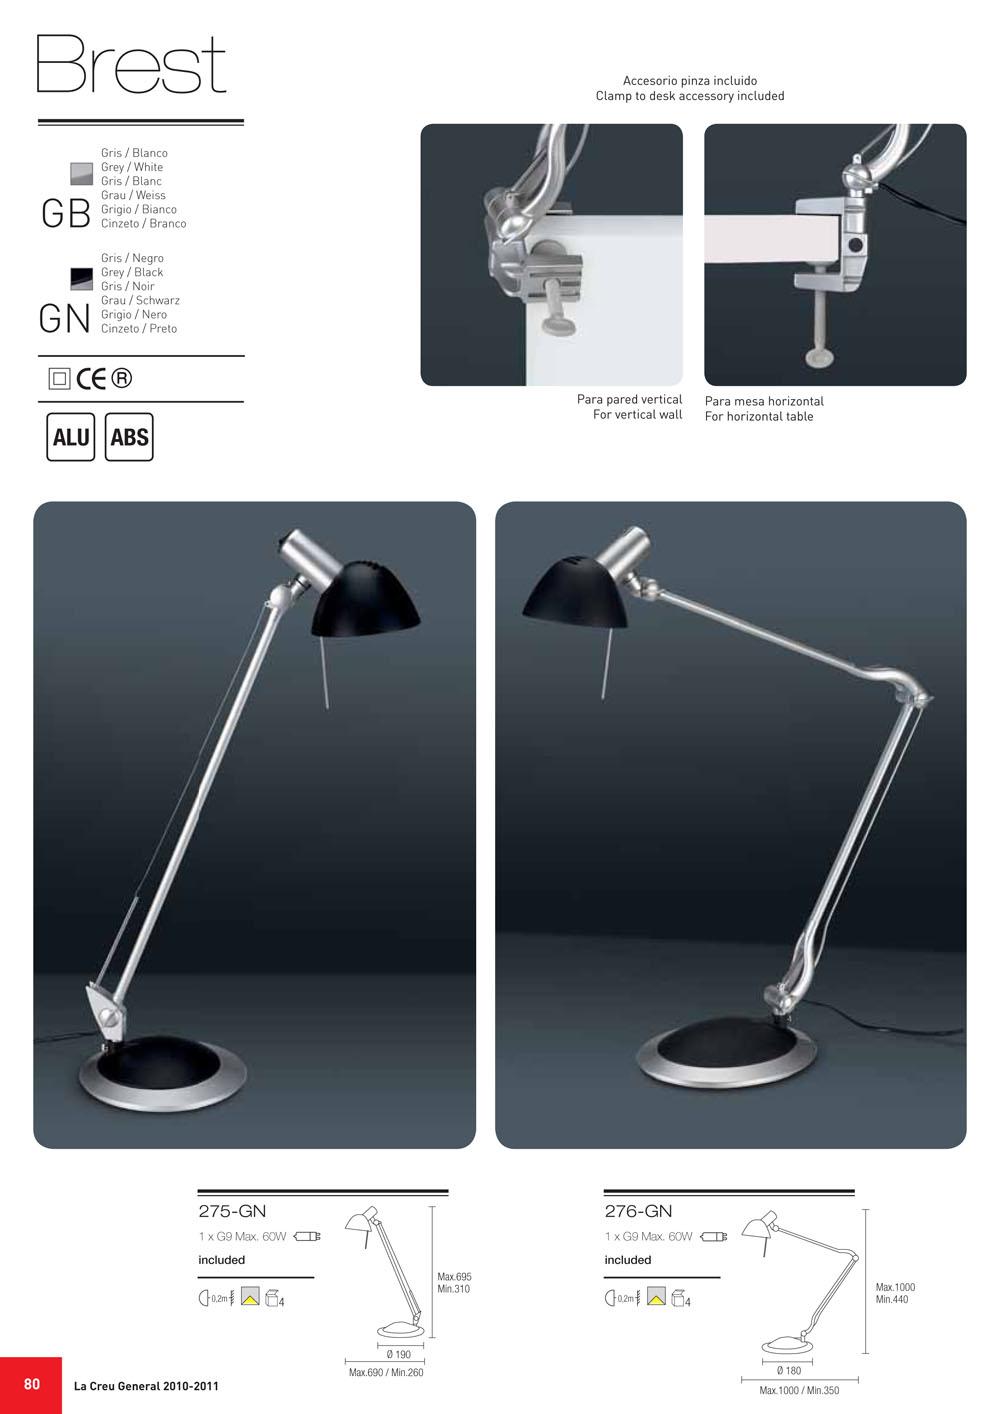 la creu table lamp brest ii 276 gn l mparas de dise o. Black Bedroom Furniture Sets. Home Design Ideas